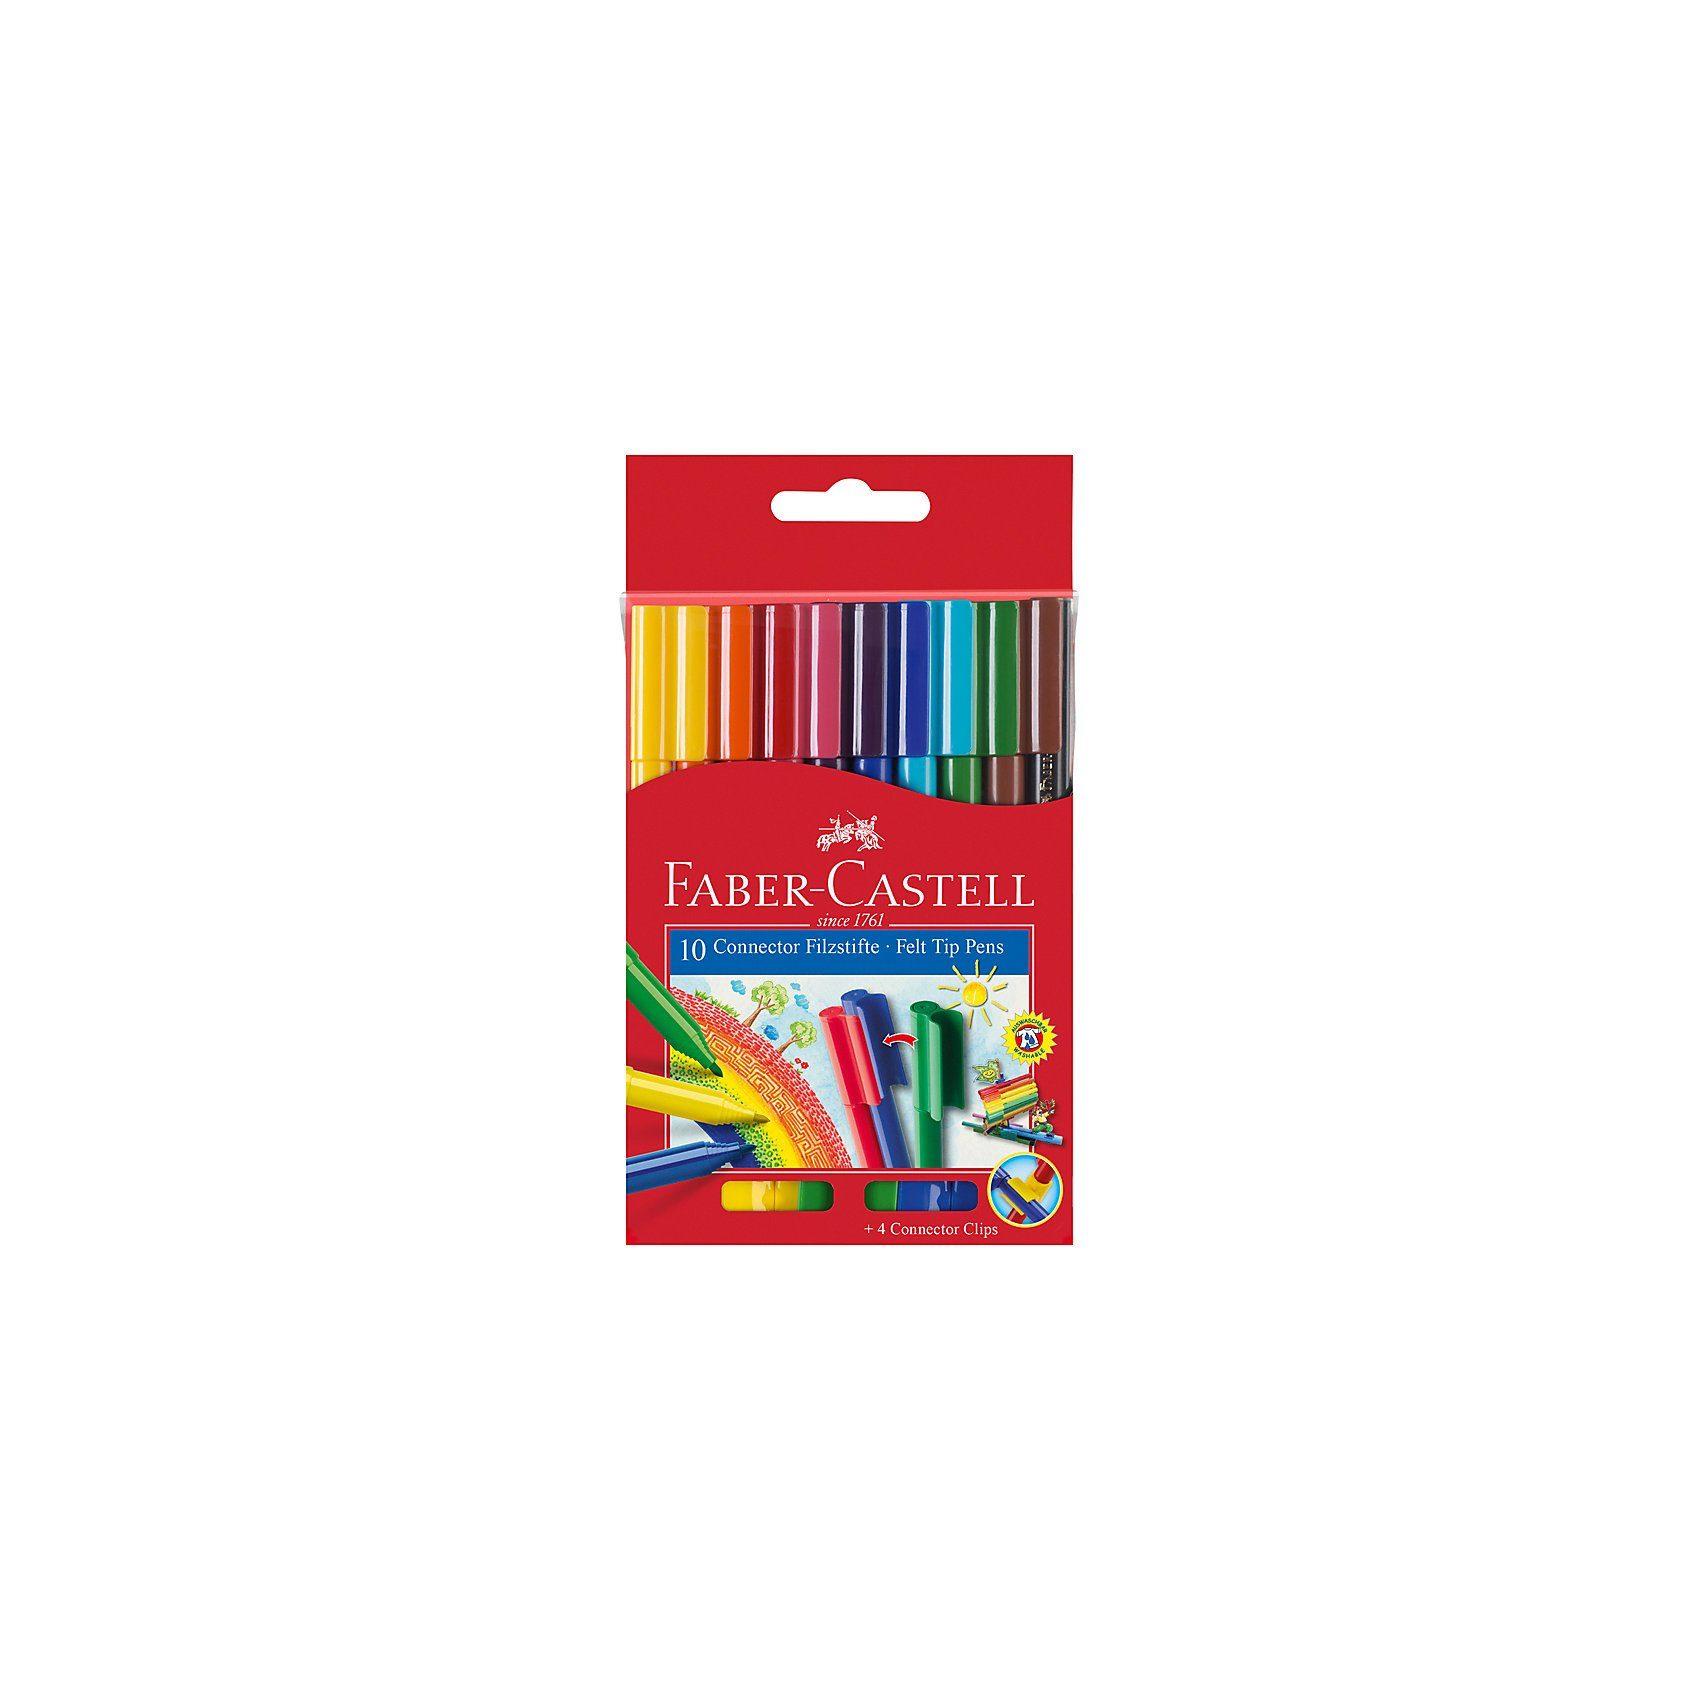 Faber-Castell Filzstifte CONNECTOR, 10 Farben